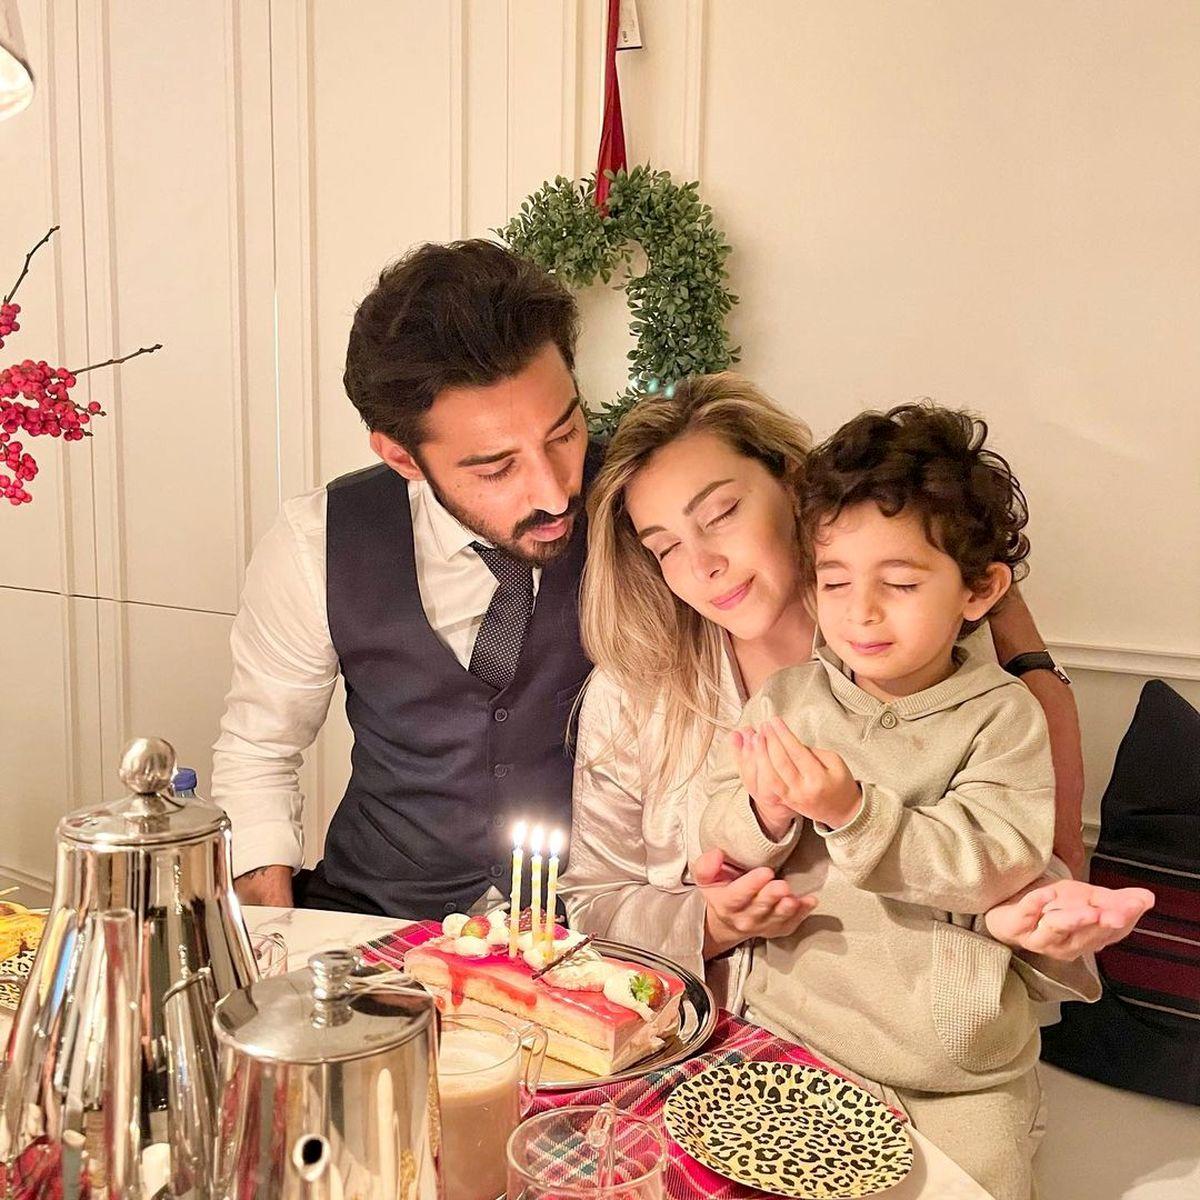 عکس بازیگران: تولد لاکچری رضا قوچاننژاد در هلند!